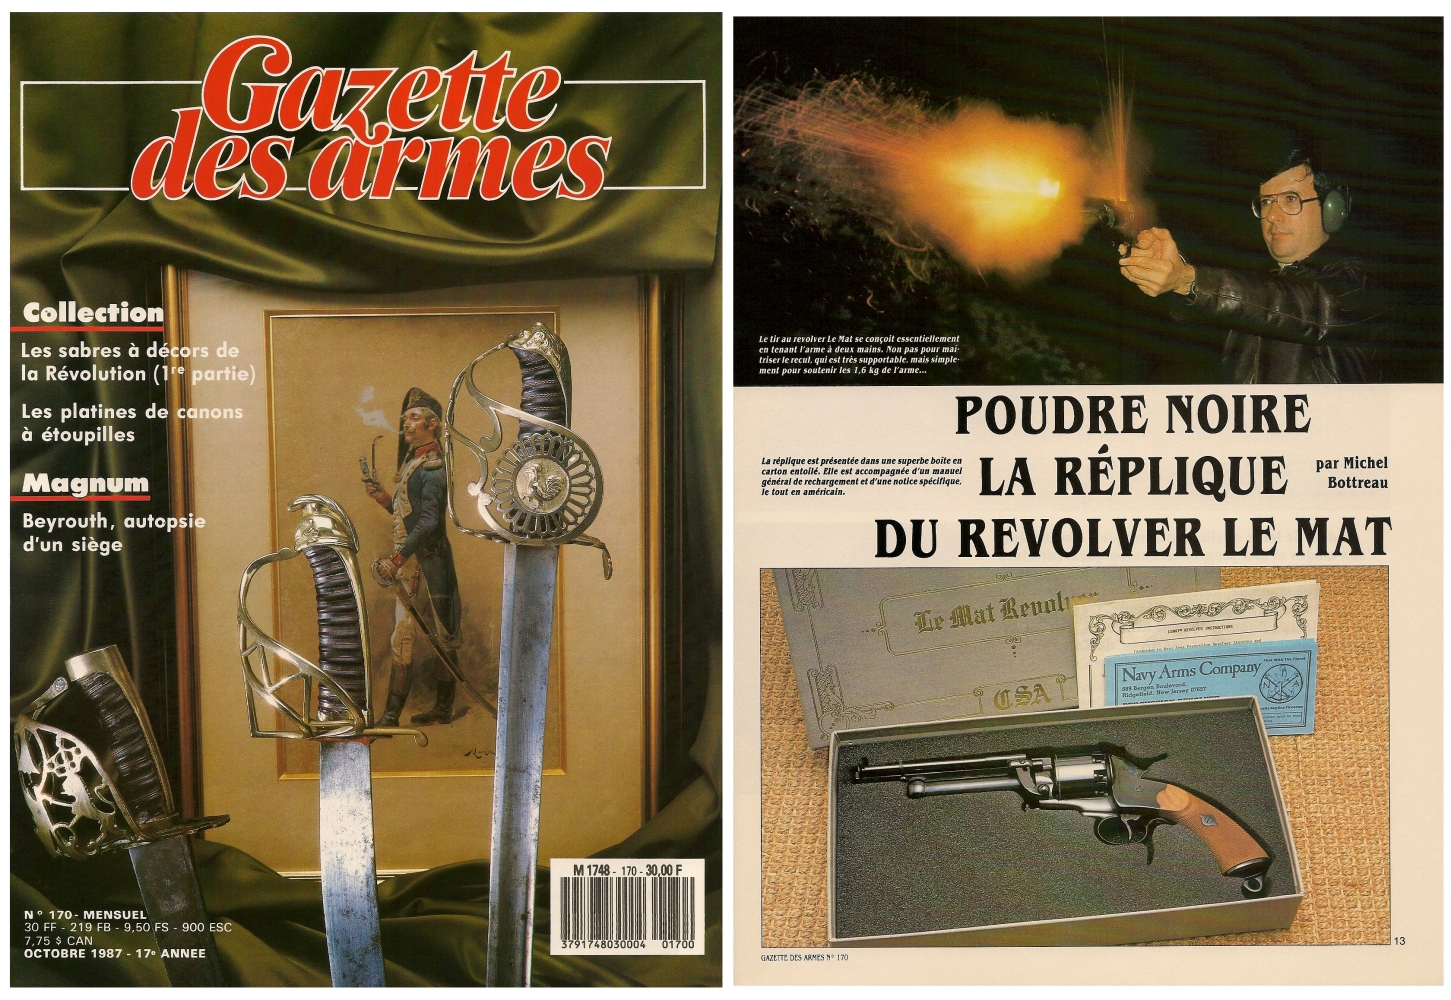 Le banc d'essai de la réplique du revolver Le Mat a été publié sur 8 pages dans le magazine Gazette des Armes n°170 (octobre 1987).